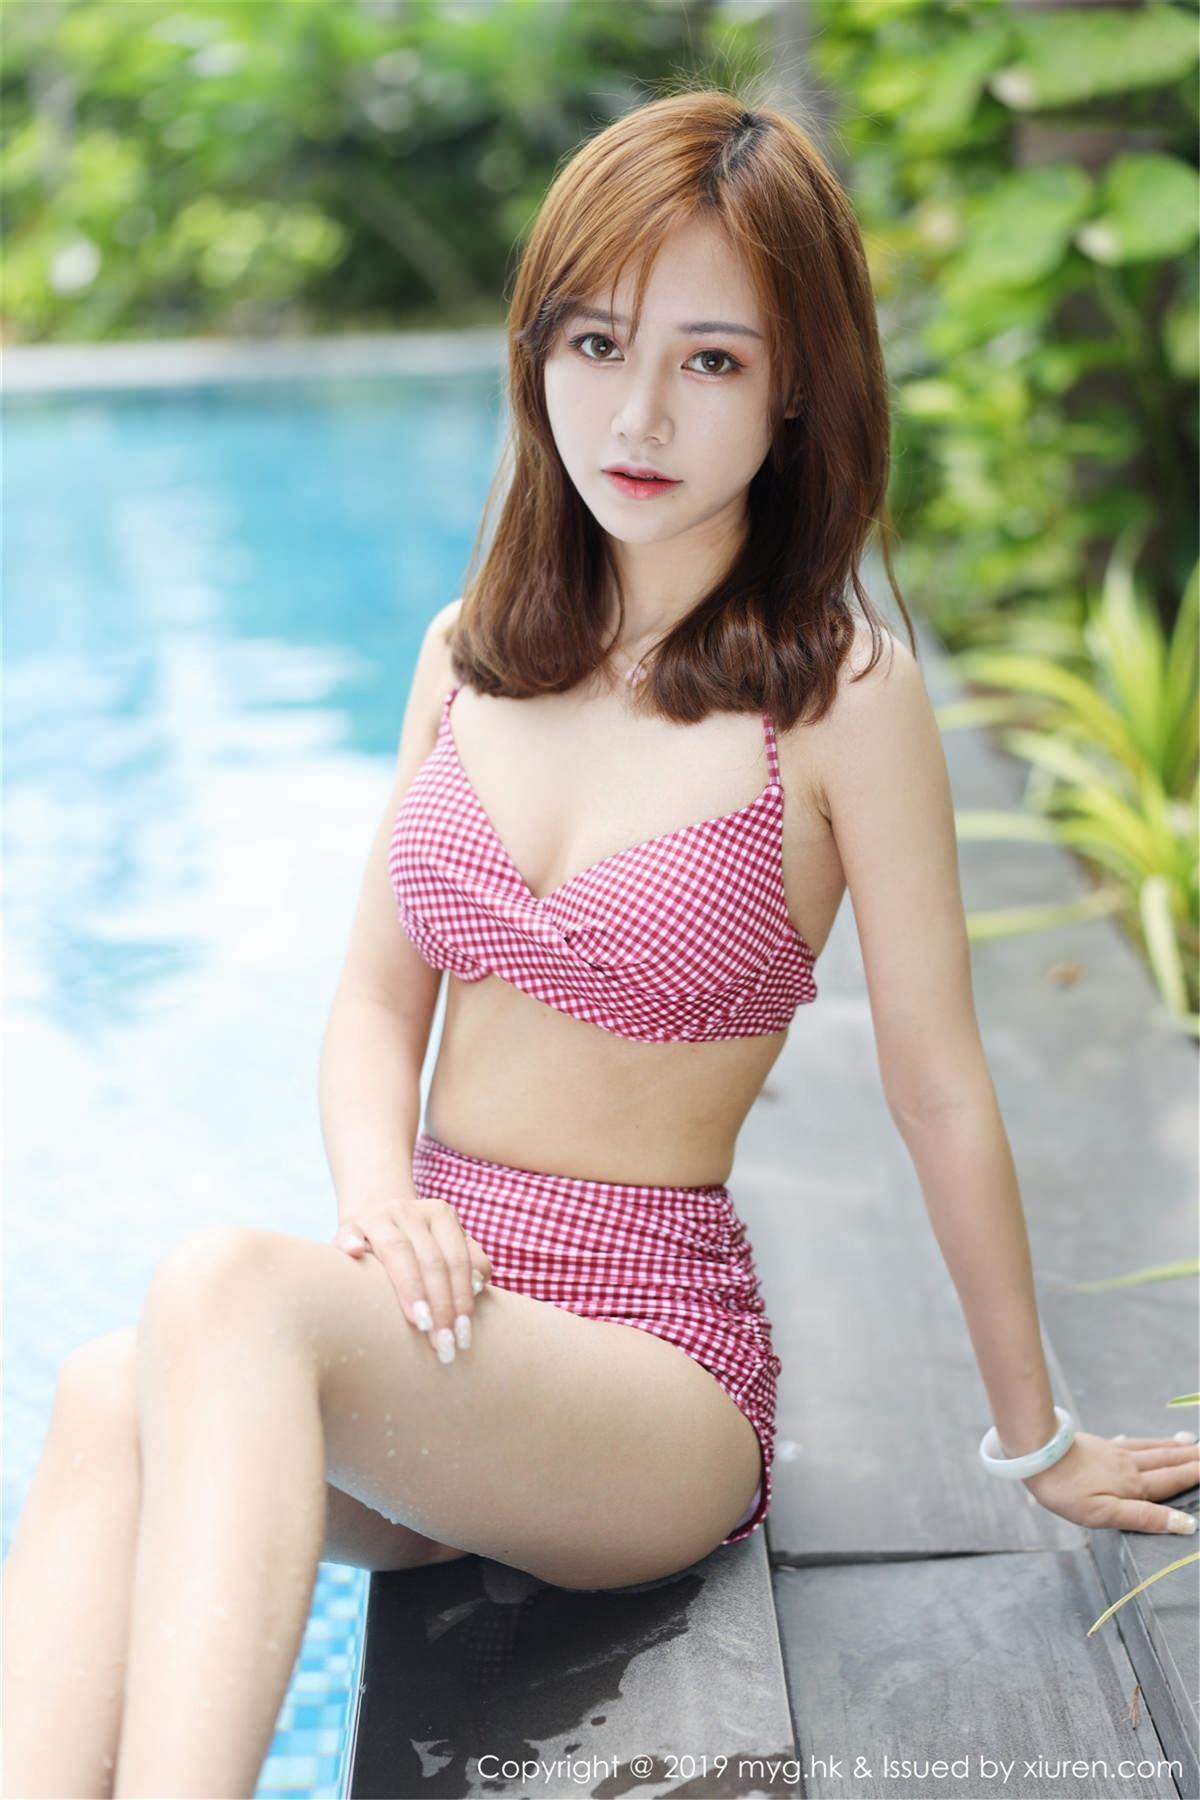 MyGirl Vol.356 7P, mygirl, Yu Zhu